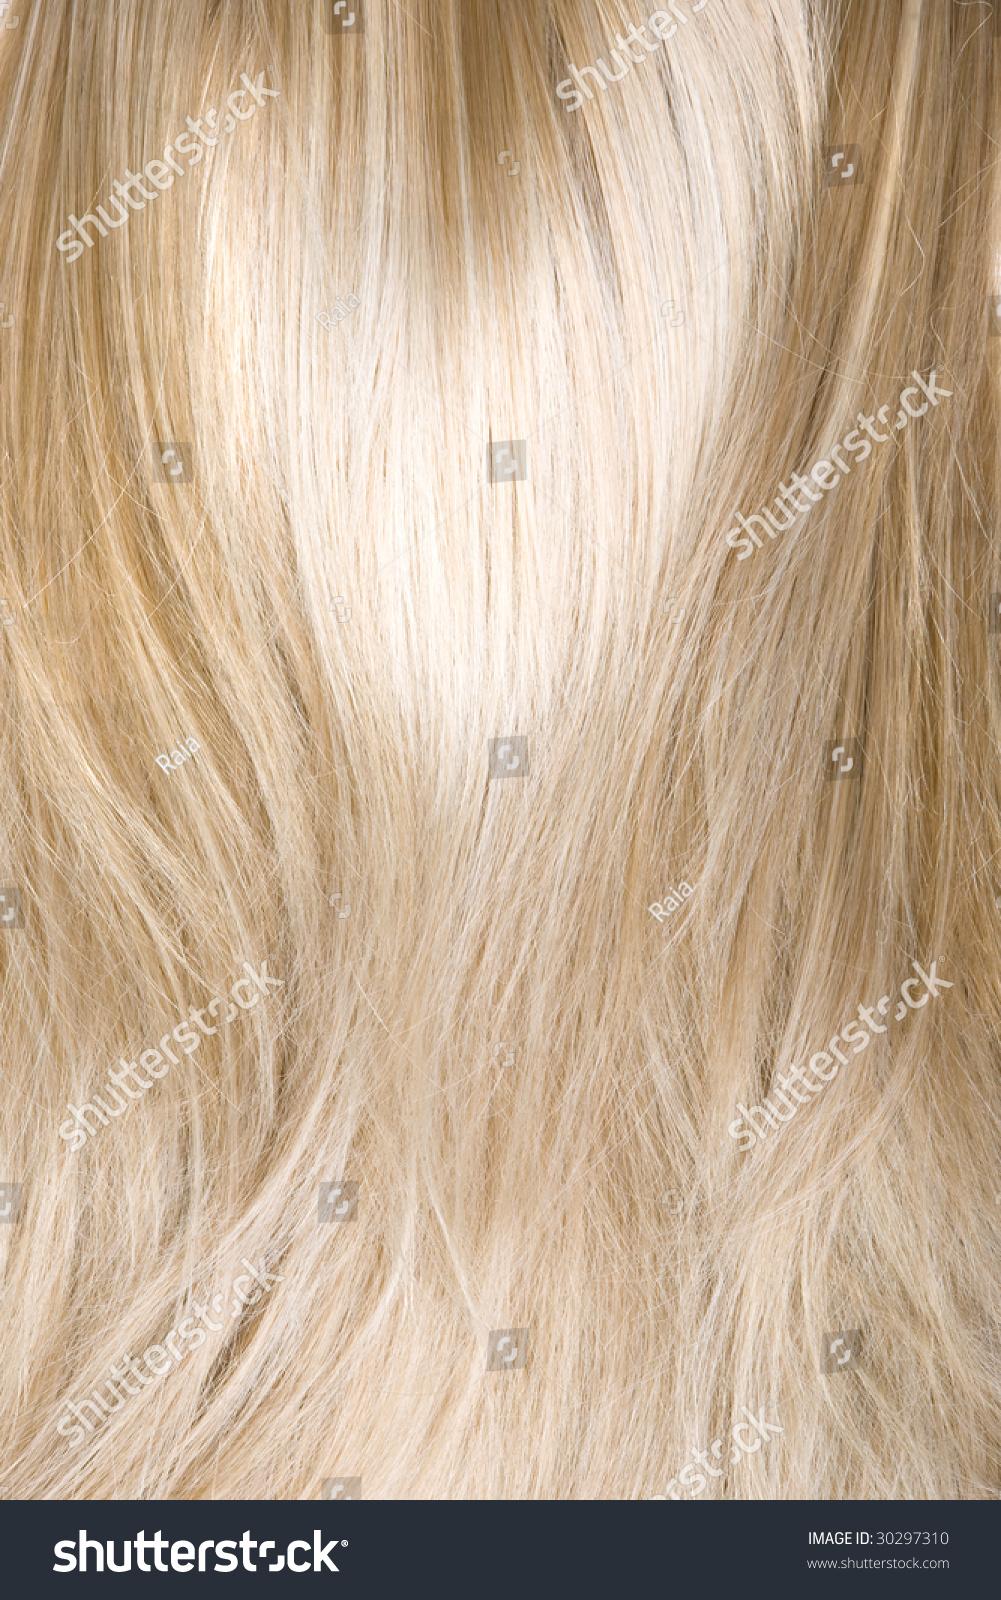 Beautiful Shiny Healthy Hair Texture Stock Photo 30297310 ...